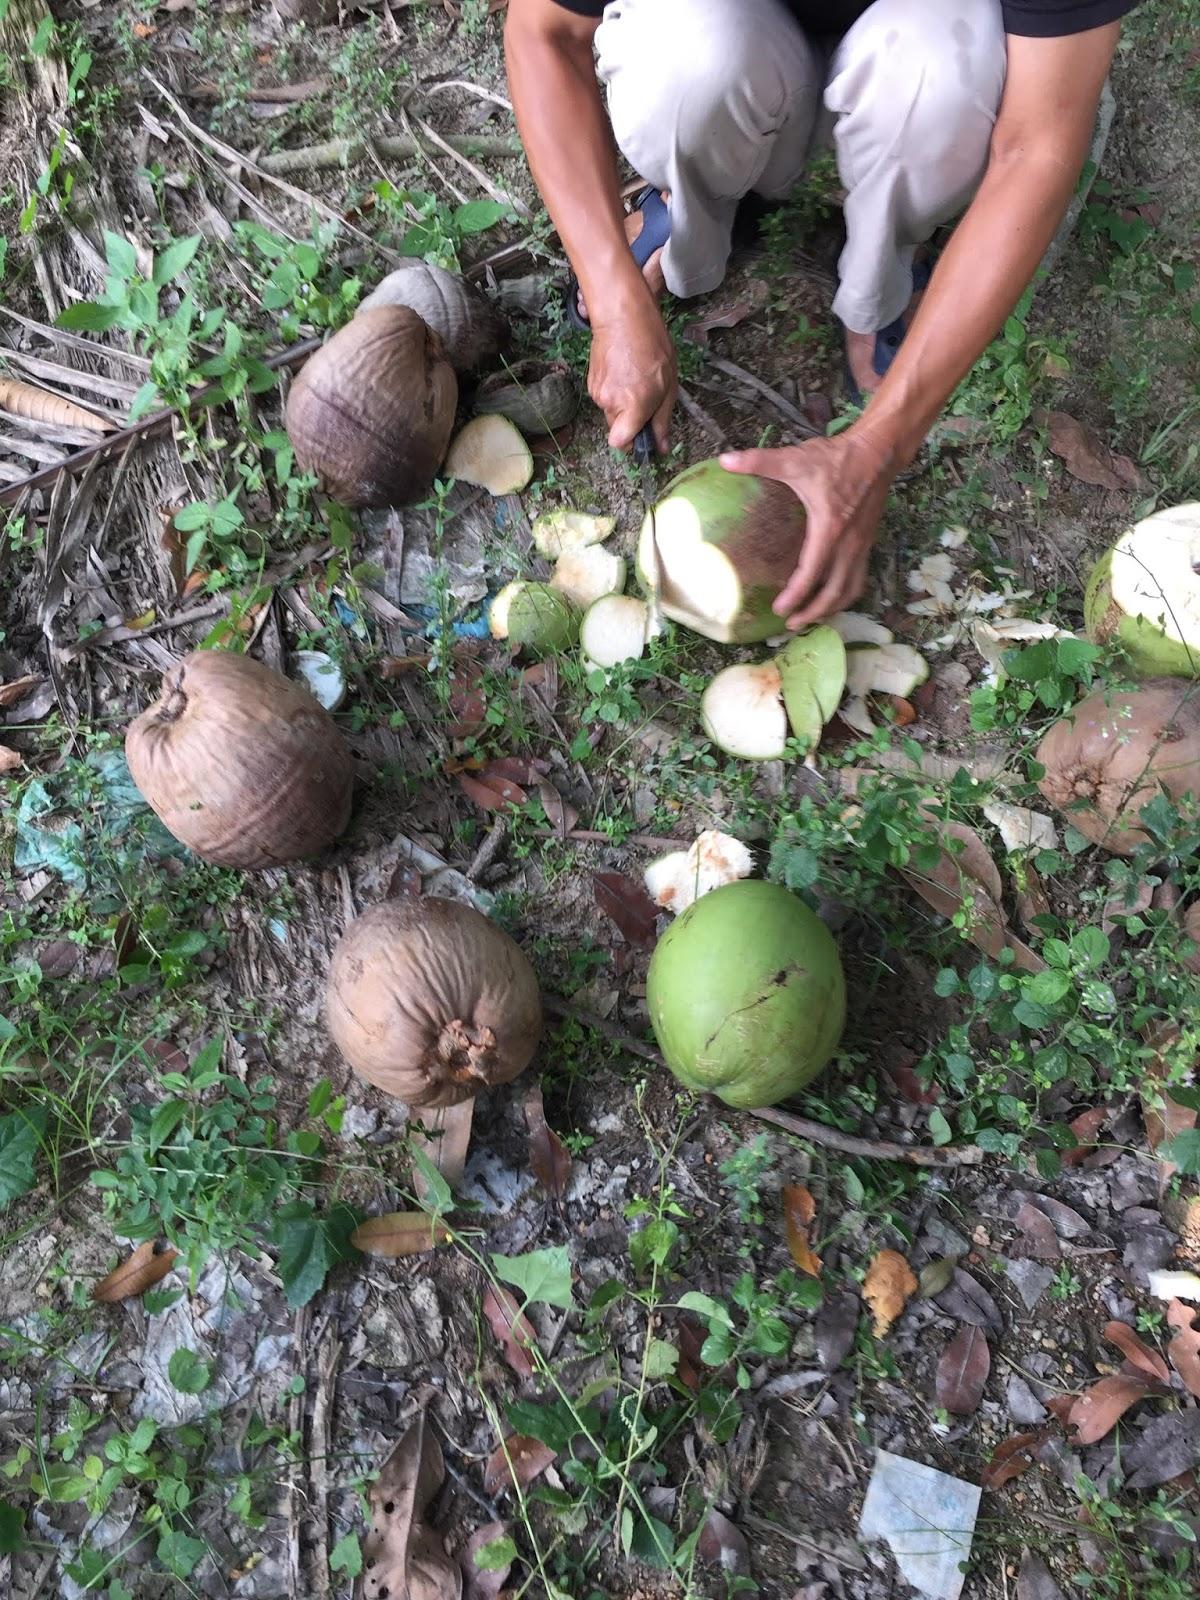 khasiat air kelapa untuk wanita, khasiat air kelapa, hasil alam banyak khasiat, balik kampung